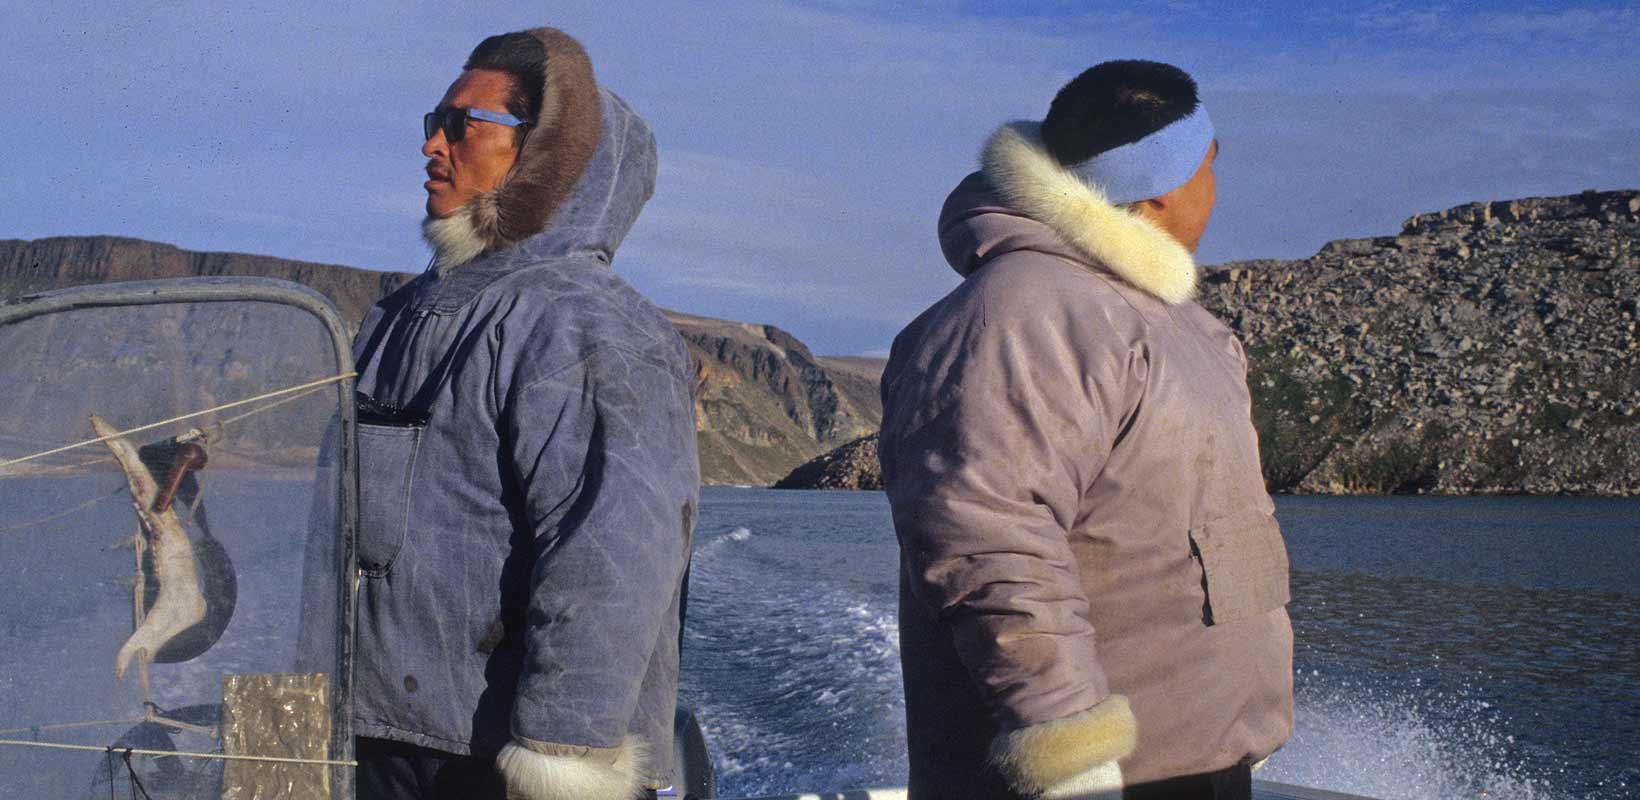 Inughuit hunters